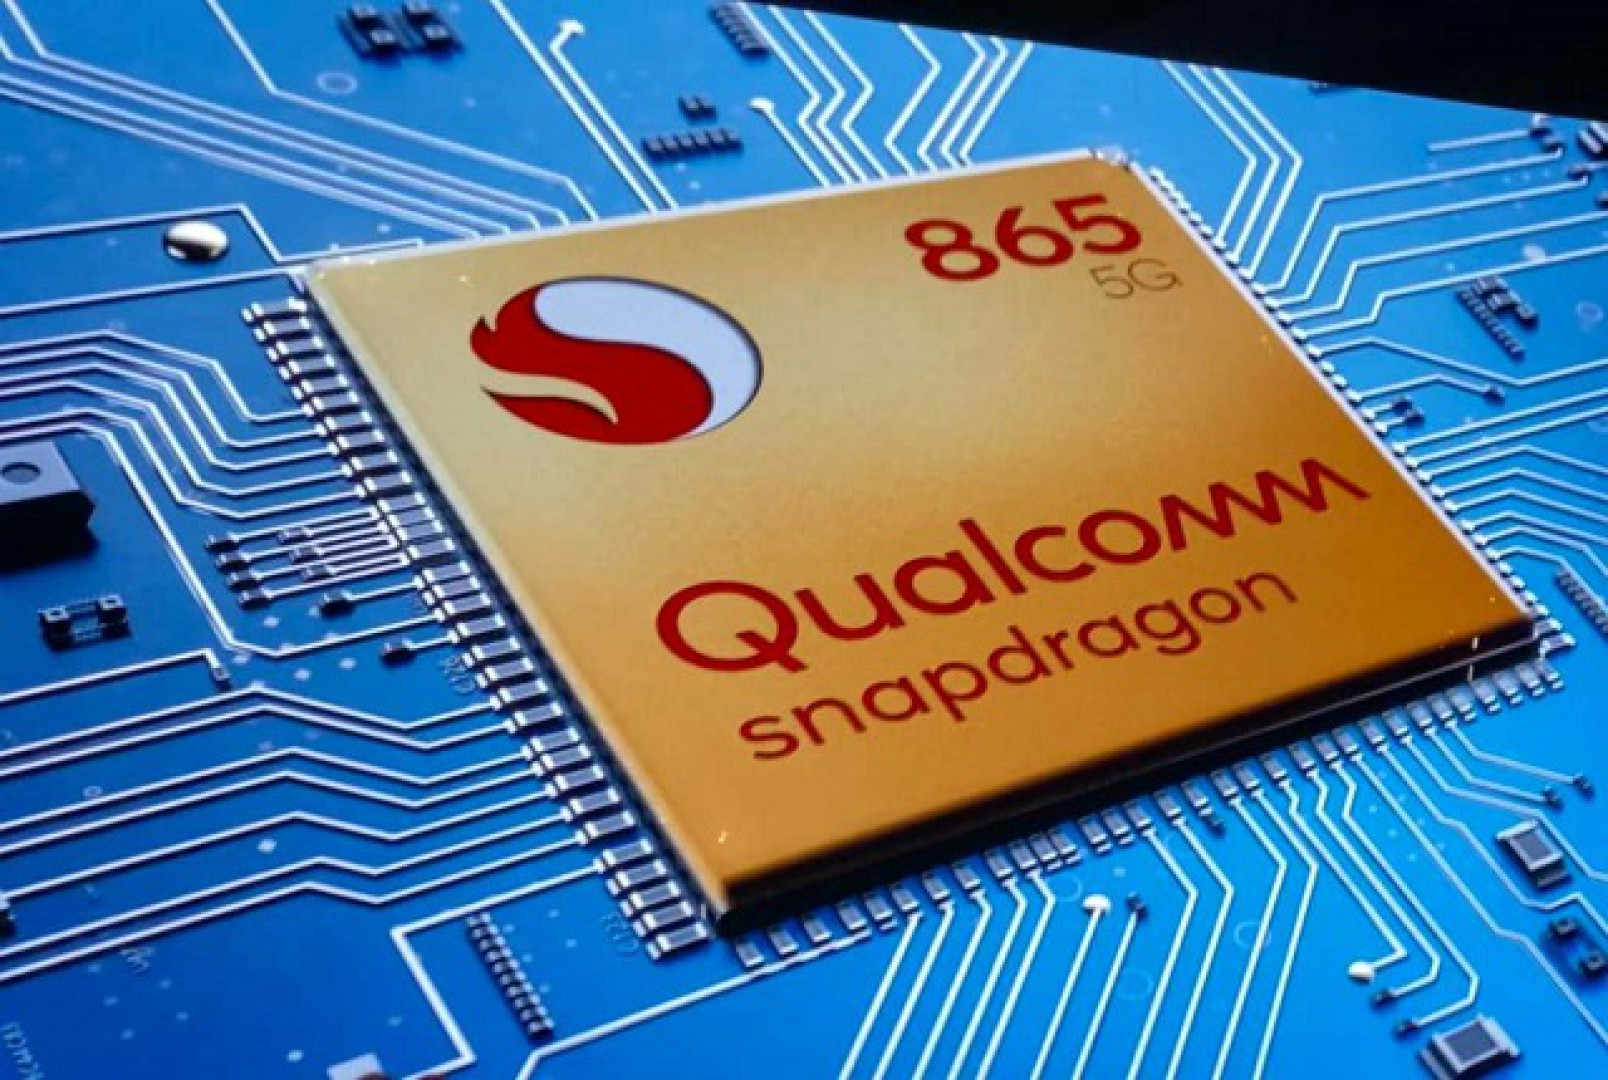 بررسی پردازنده جدید کوالکام و 5 قابلیت جدید آن